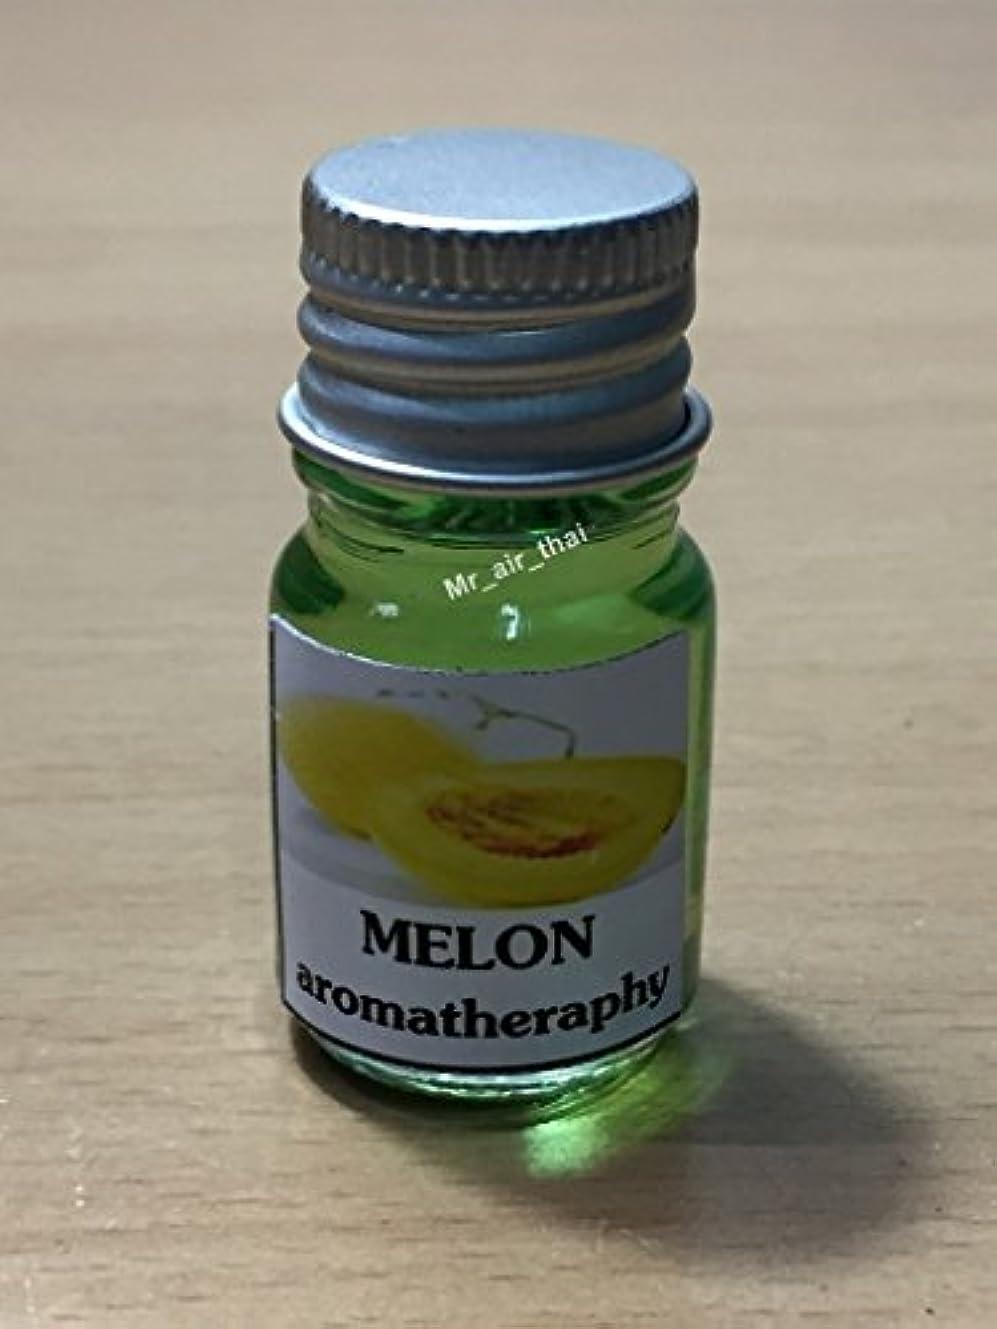 揮発性余分な不機嫌そうな5ミリリットルアロマメロンフランクインセンスエッセンシャルオイルボトルアロマテラピーオイル自然自然5ml Aroma Melon Frankincense Essential Oil Bottles Aromatherapy...